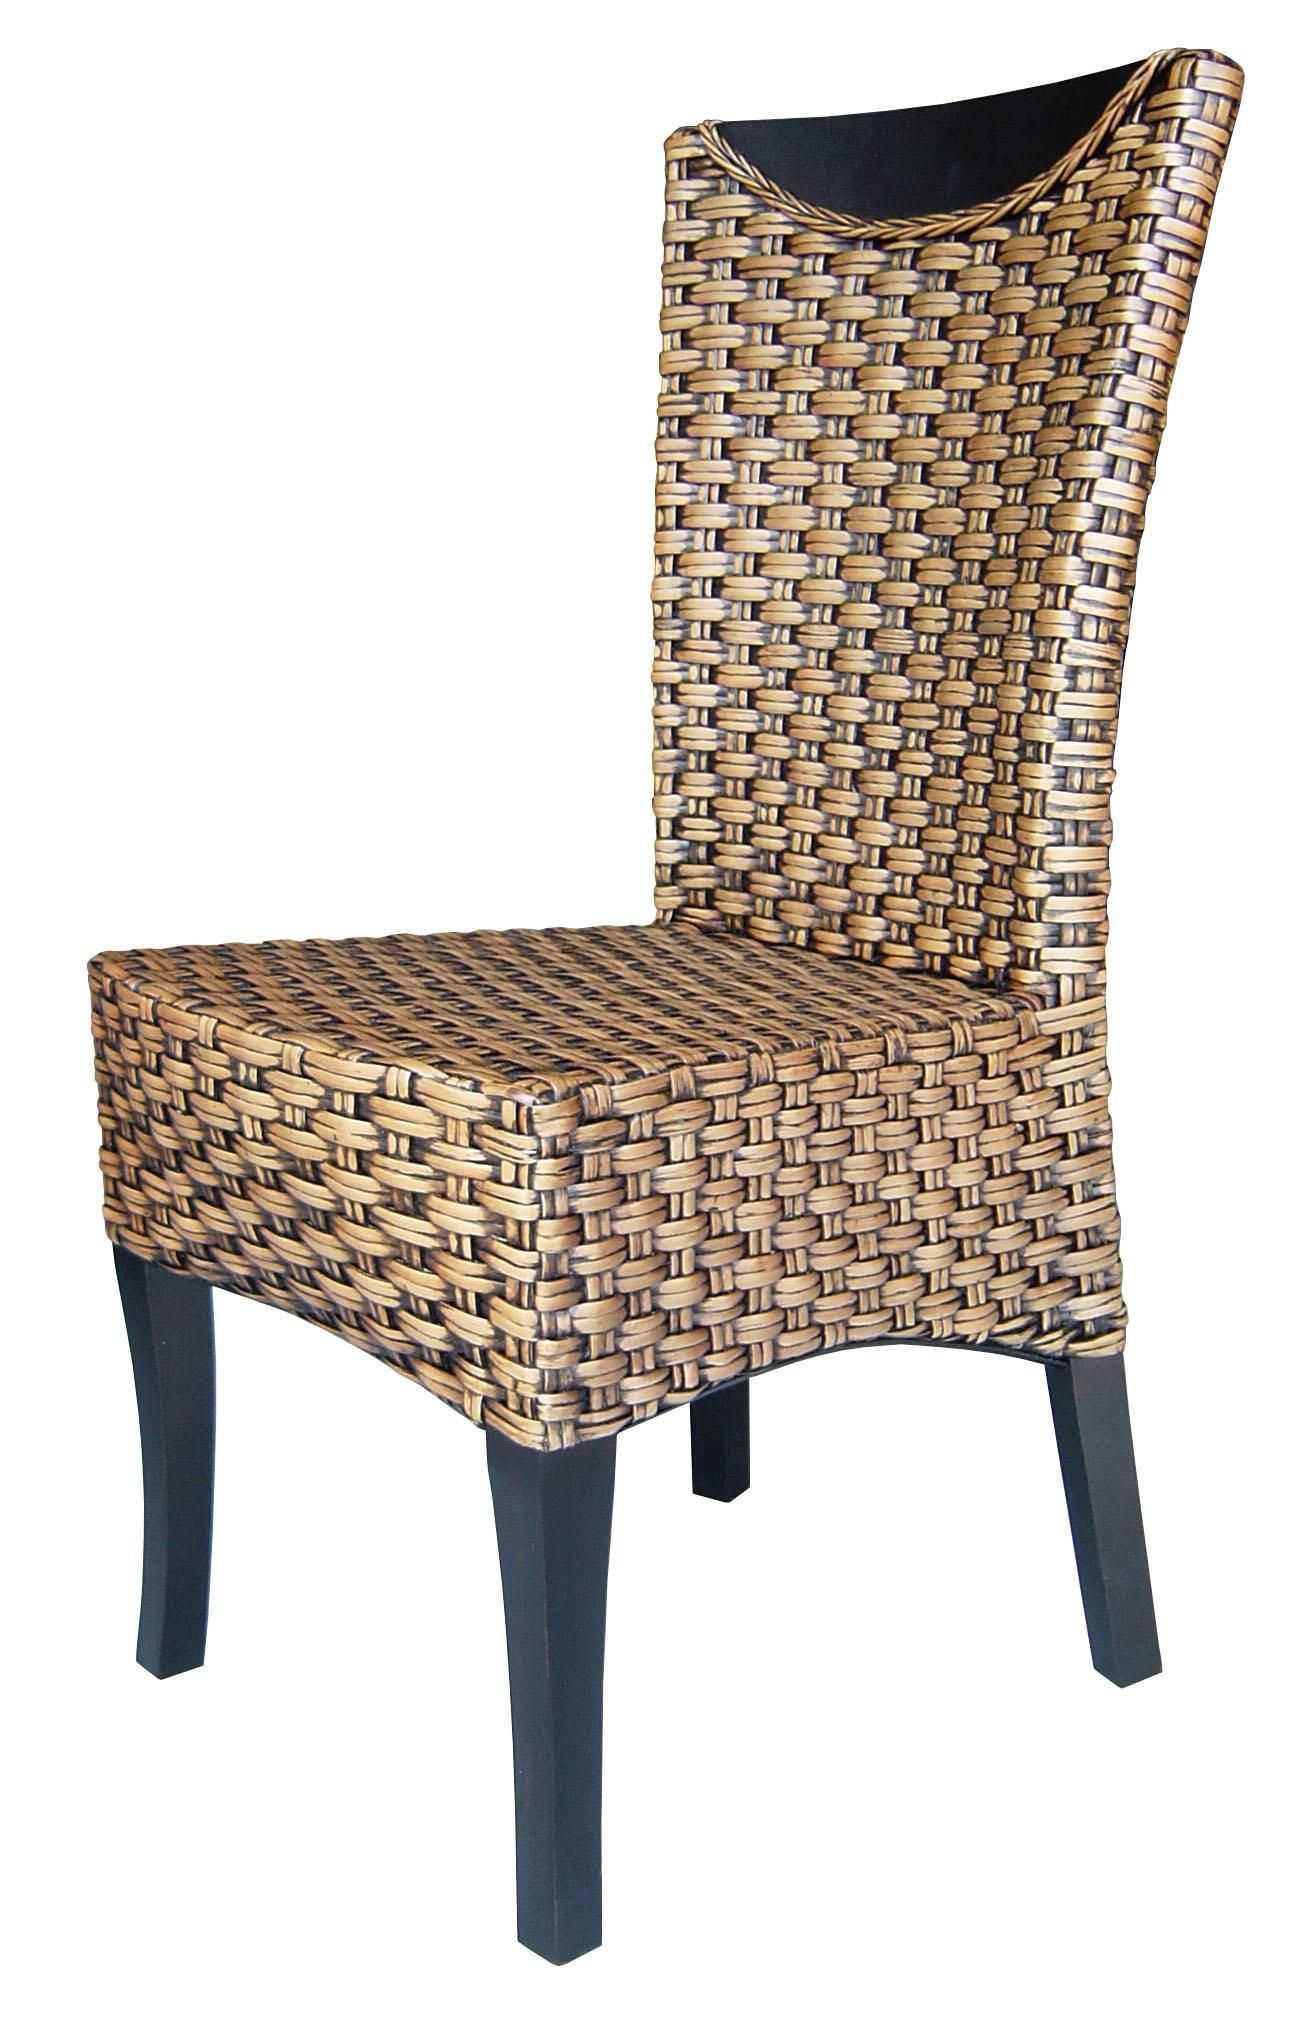 MARINO ratanová židle - CL WASH | RYCHLÉ DODÁNÍ